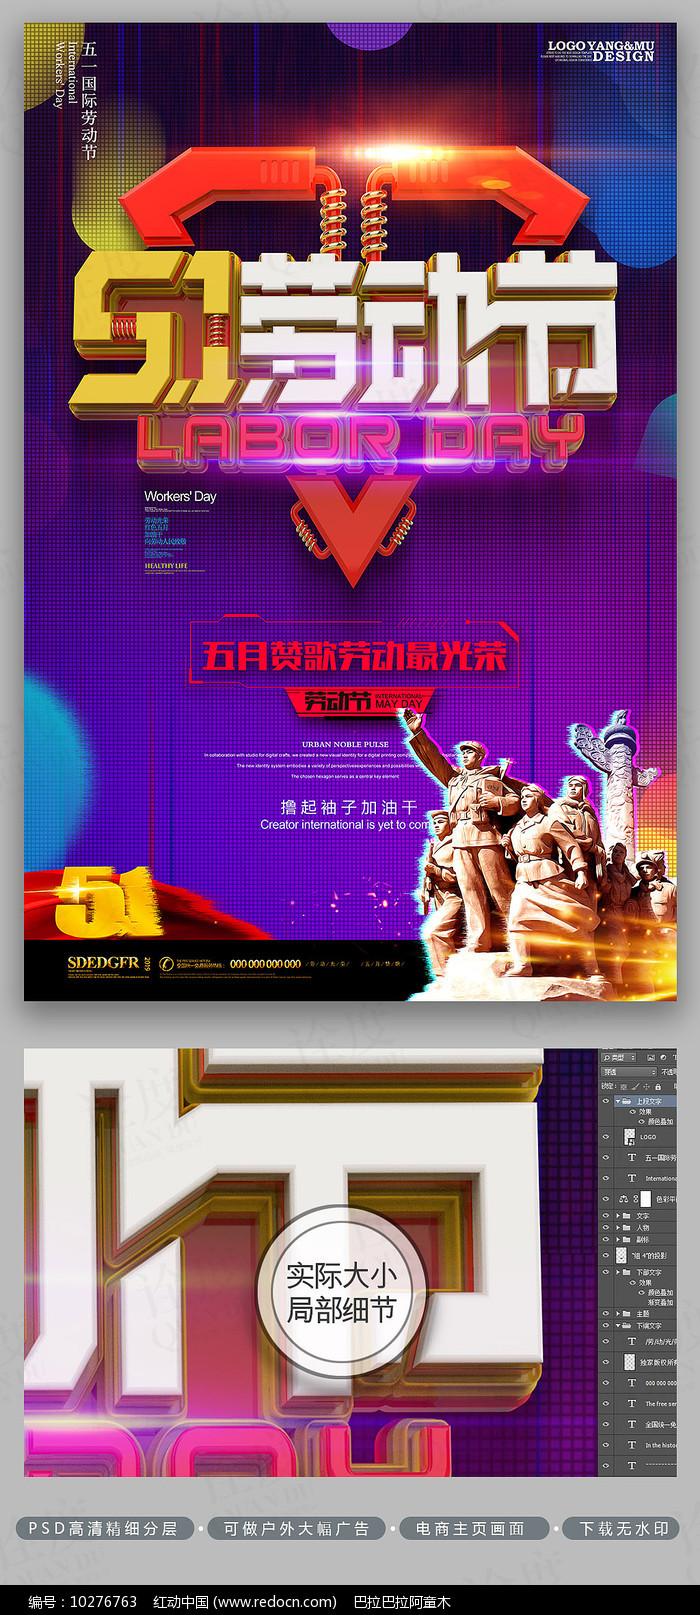 酷炫51活动促销劳动节海报